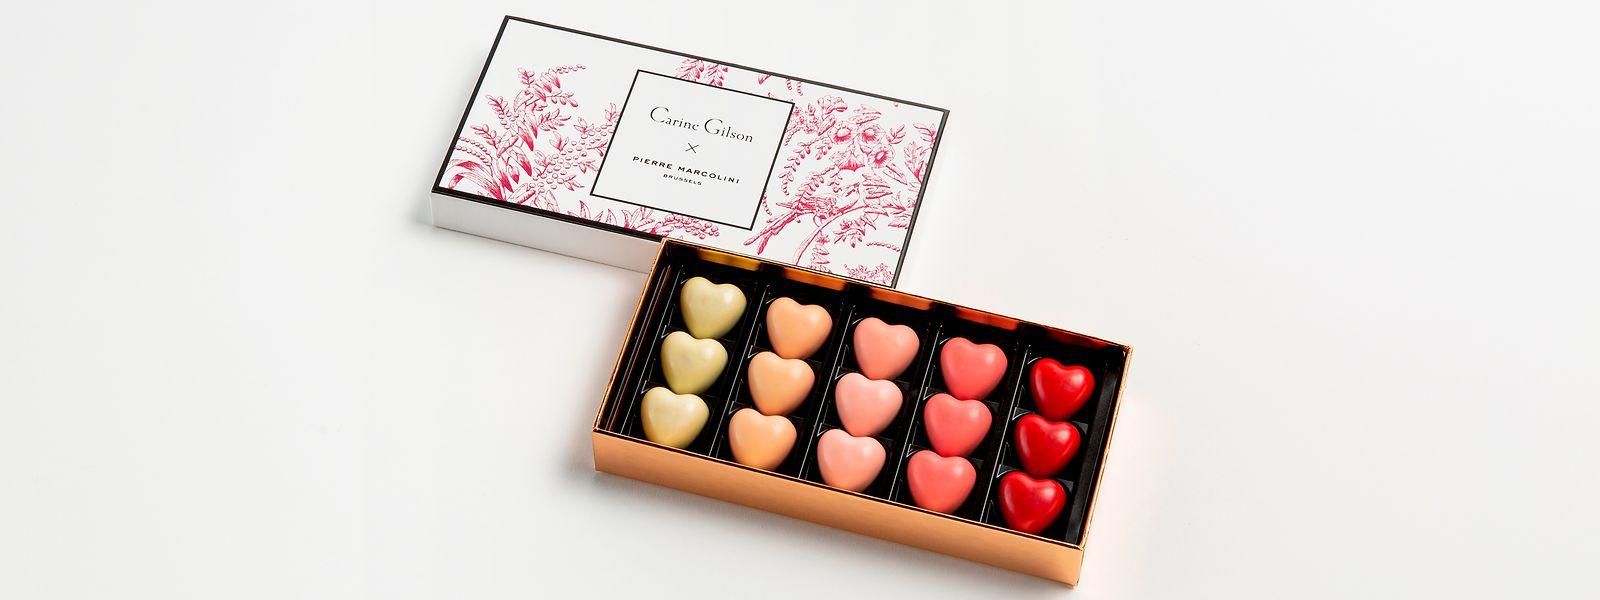 Wenn Schokolade auf Lingerie trifft: die gemeinsame Valentinstagskollektion von Pierre Marcolini und Carine Gilson.